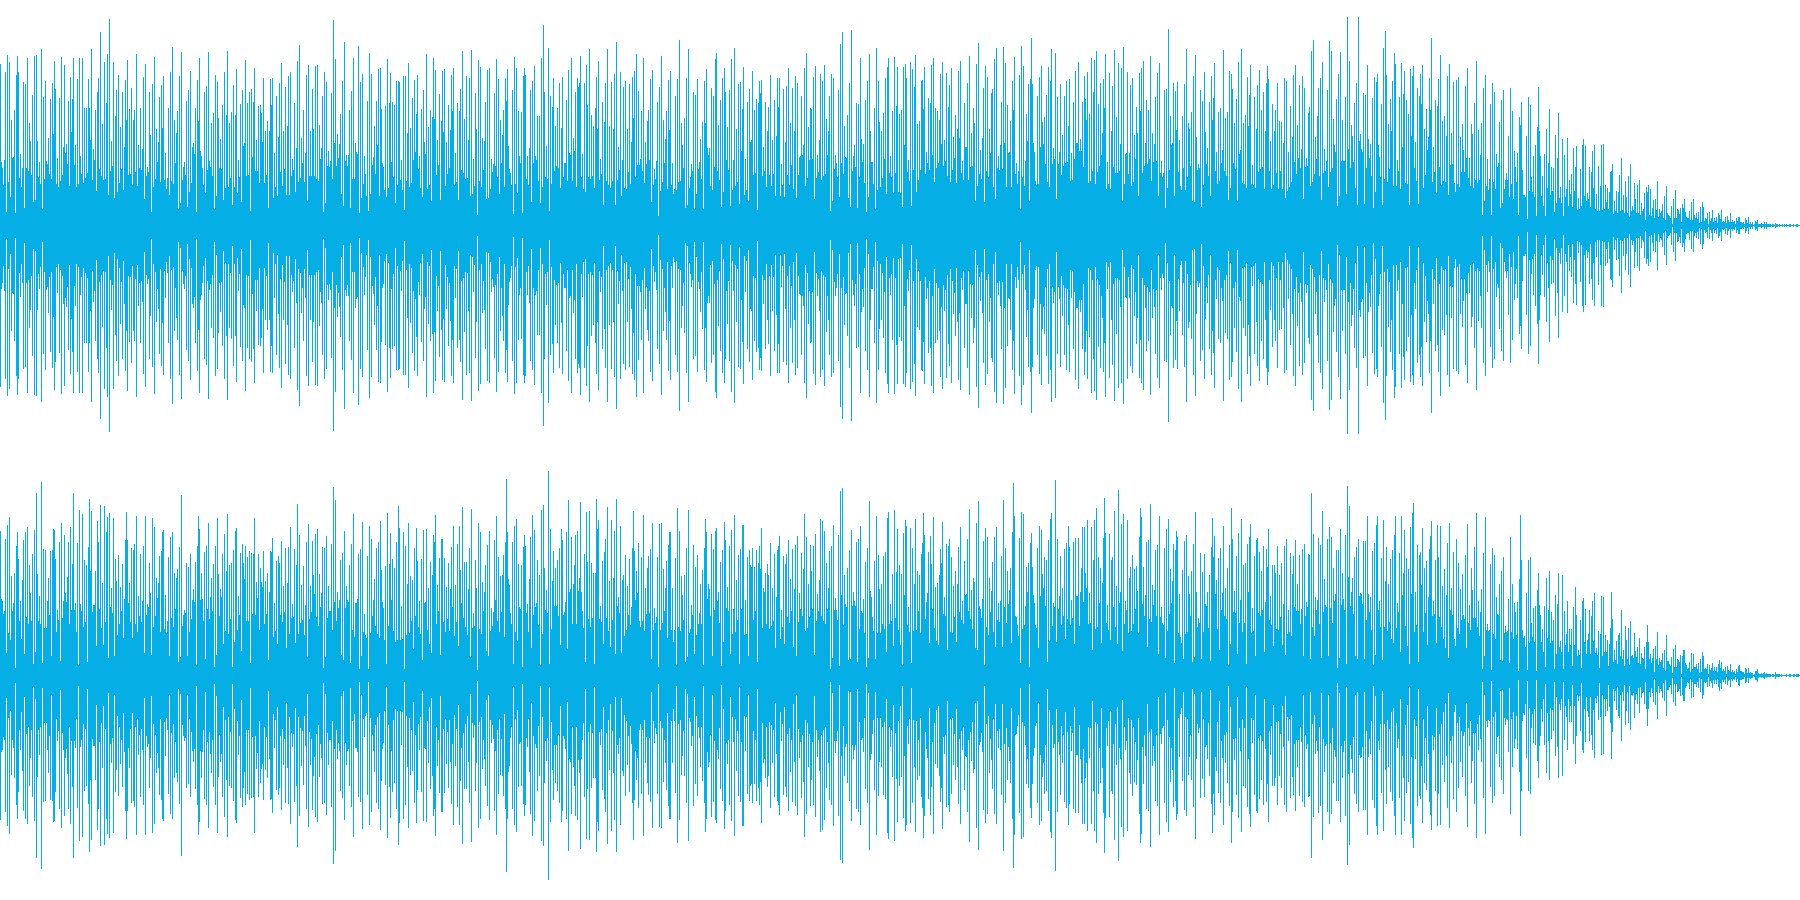 カントリー風のスライドギターの楽曲の再生済みの波形